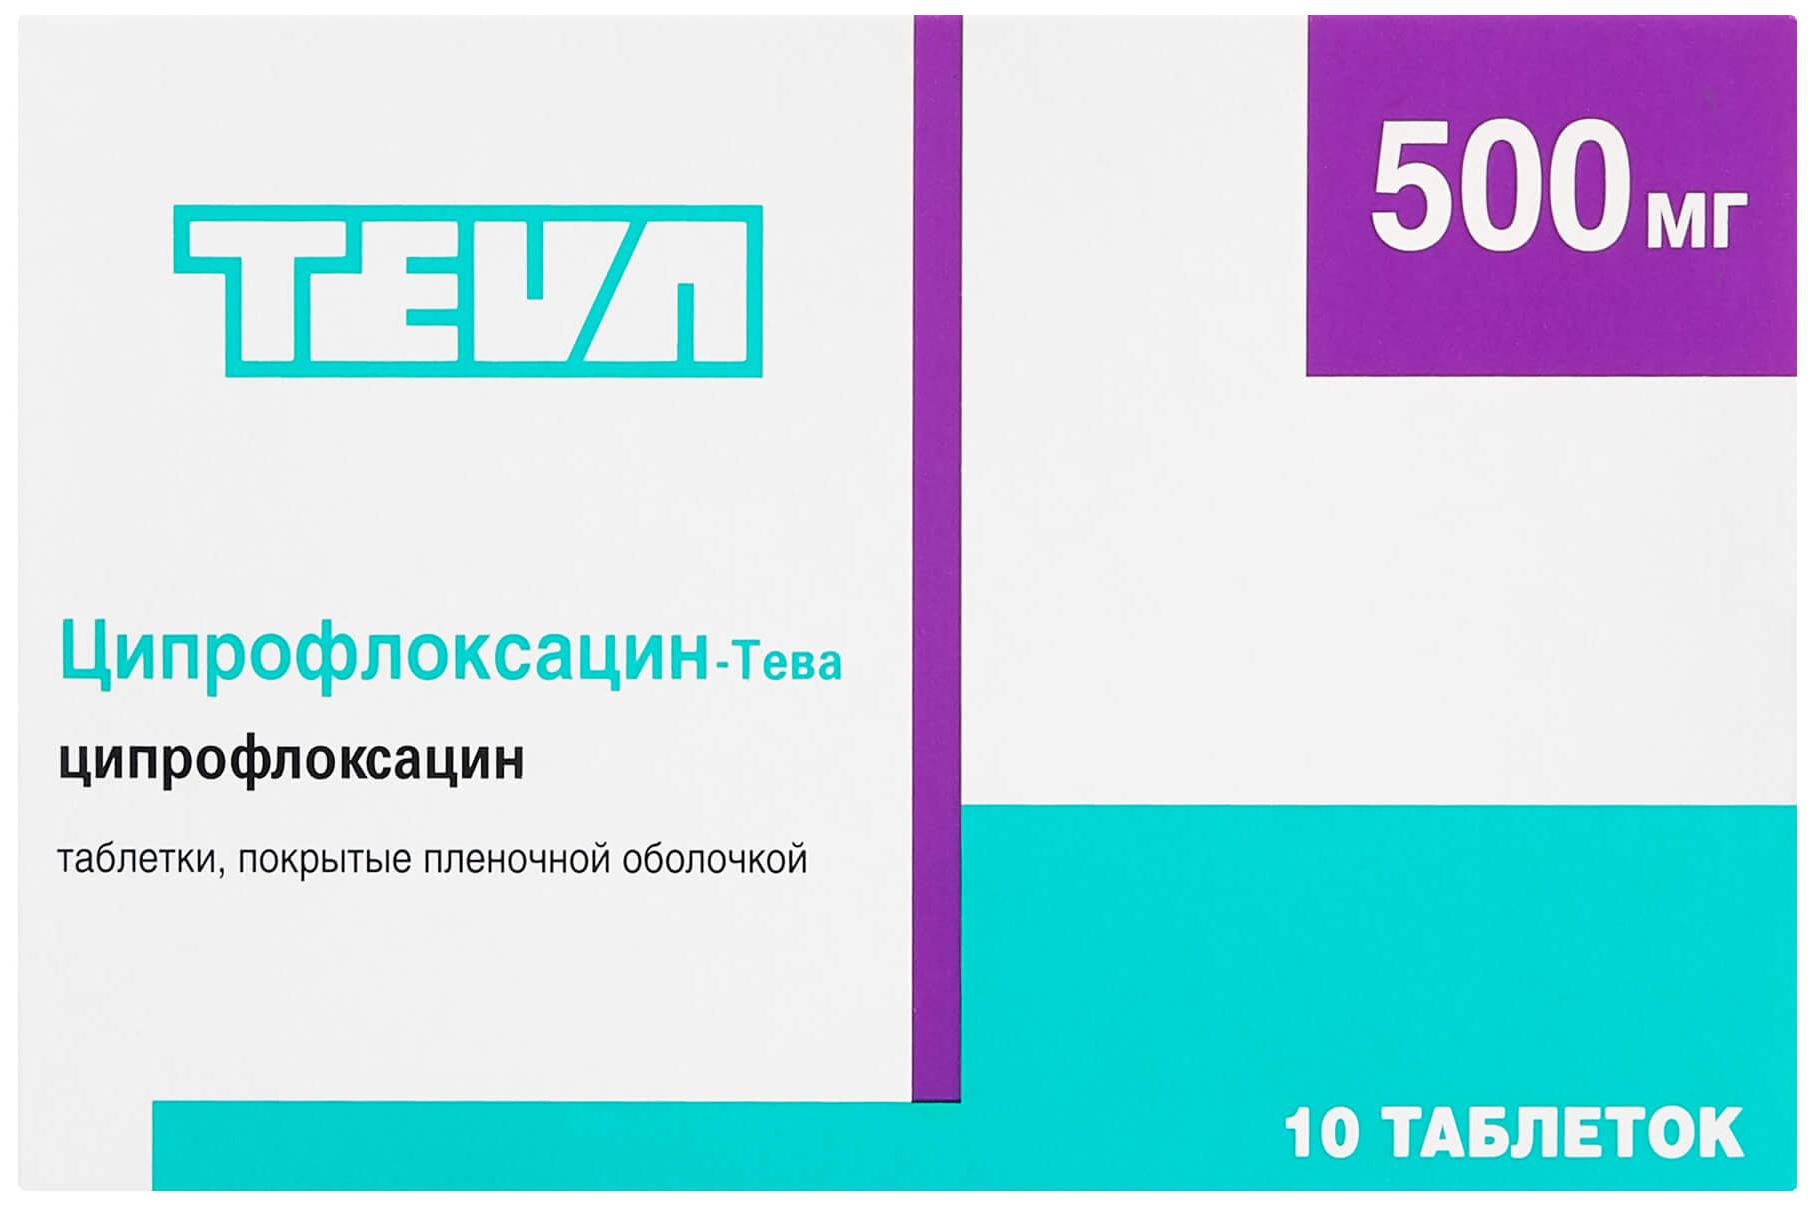 Ципрофлоксацин-Тева таблетки, покрытые пленочной оболочкой 500 мг 10 шт.